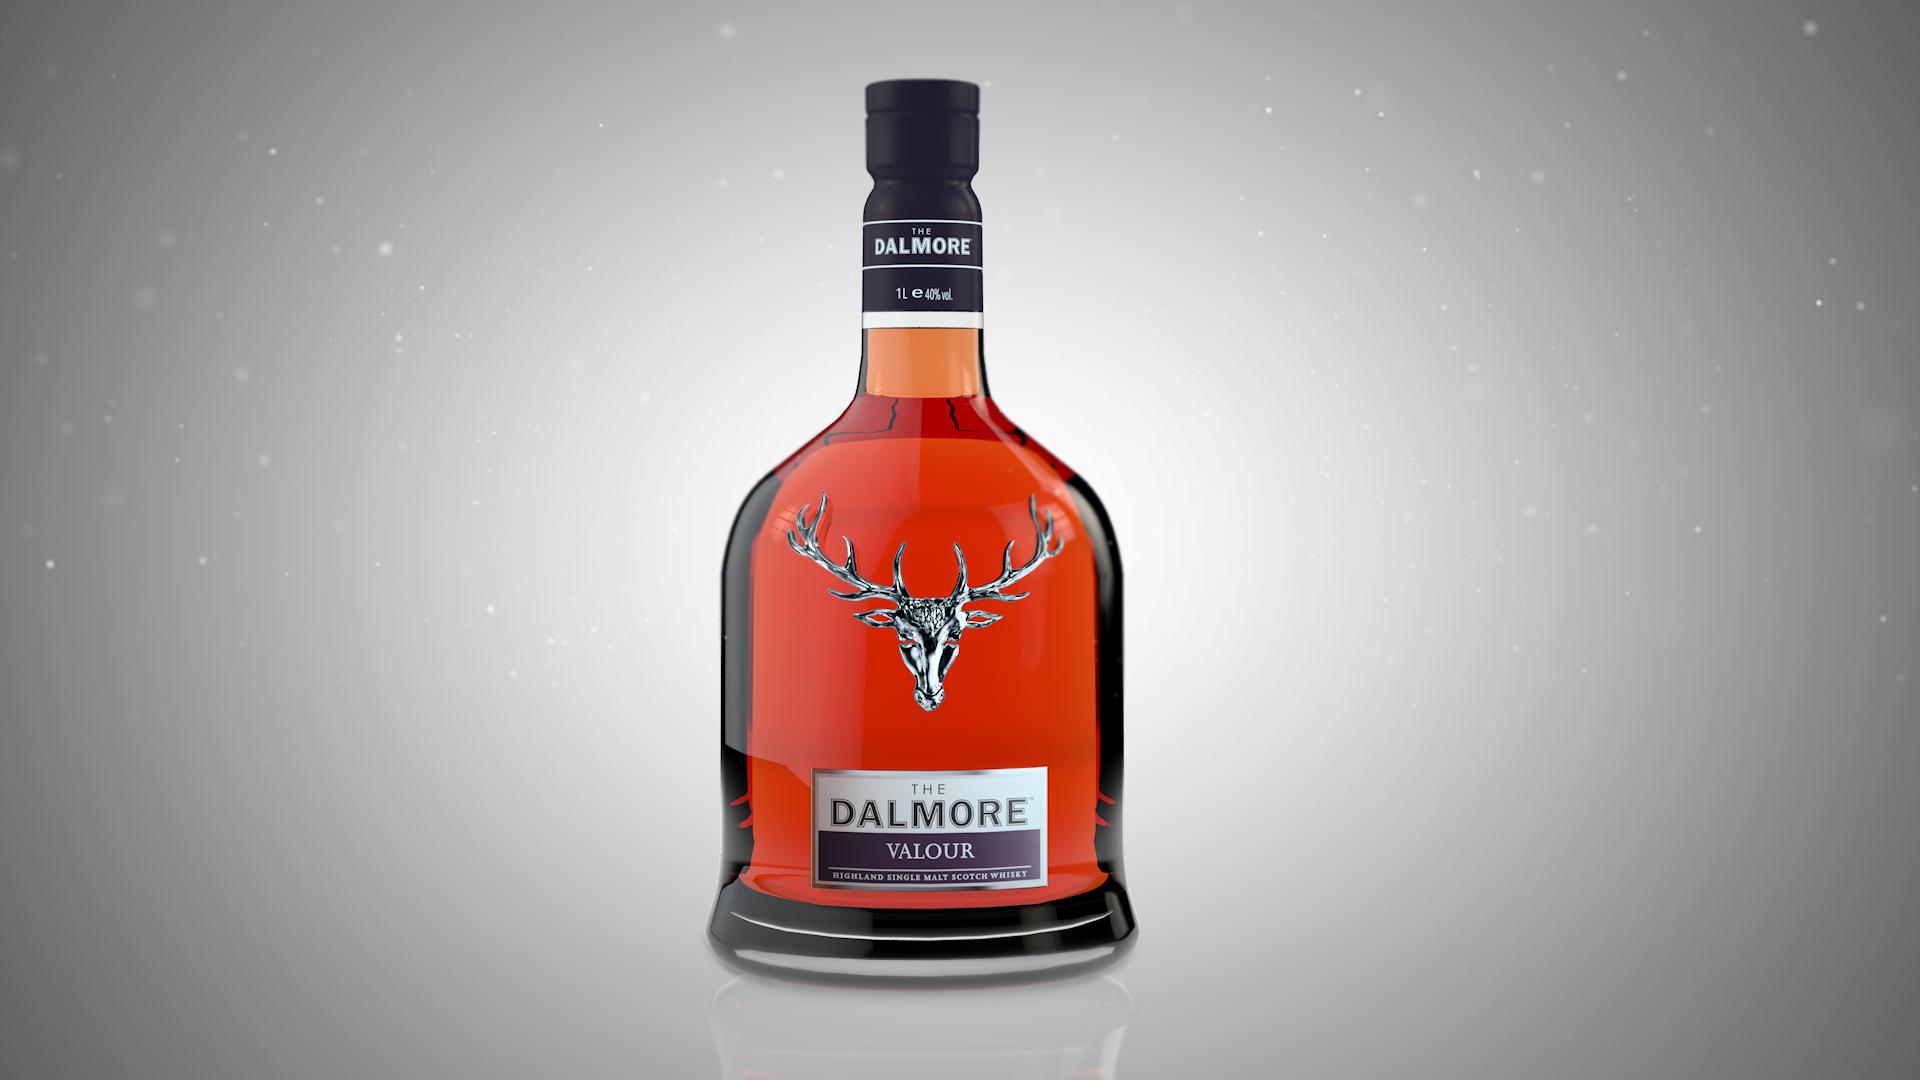 Dalmore_Bottle_v009 (0-00-01-16).jpg